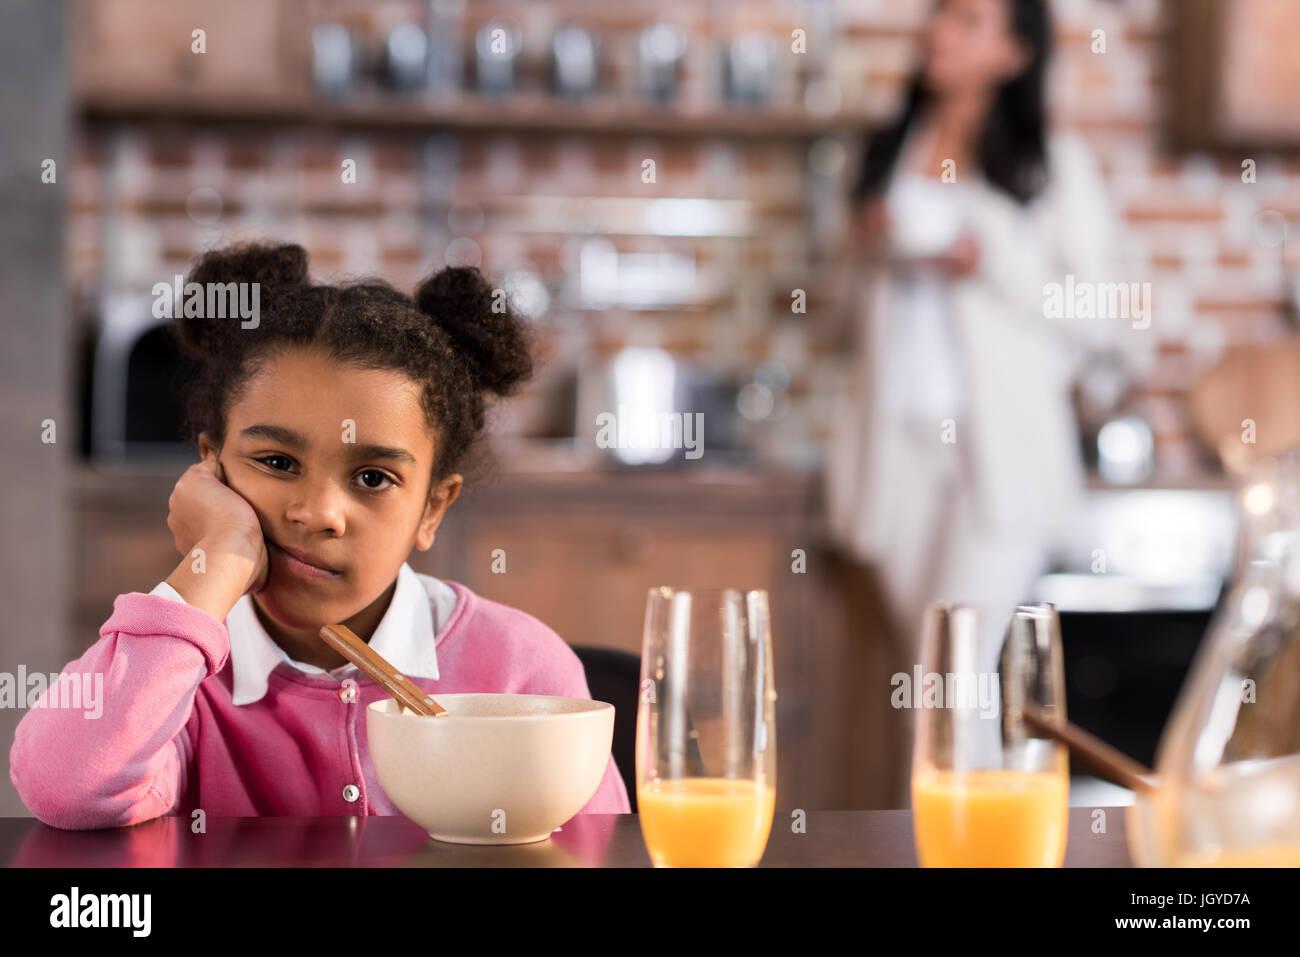 Ritratto di sconvolgere bambina avente la colazione a casa Immagini Stock